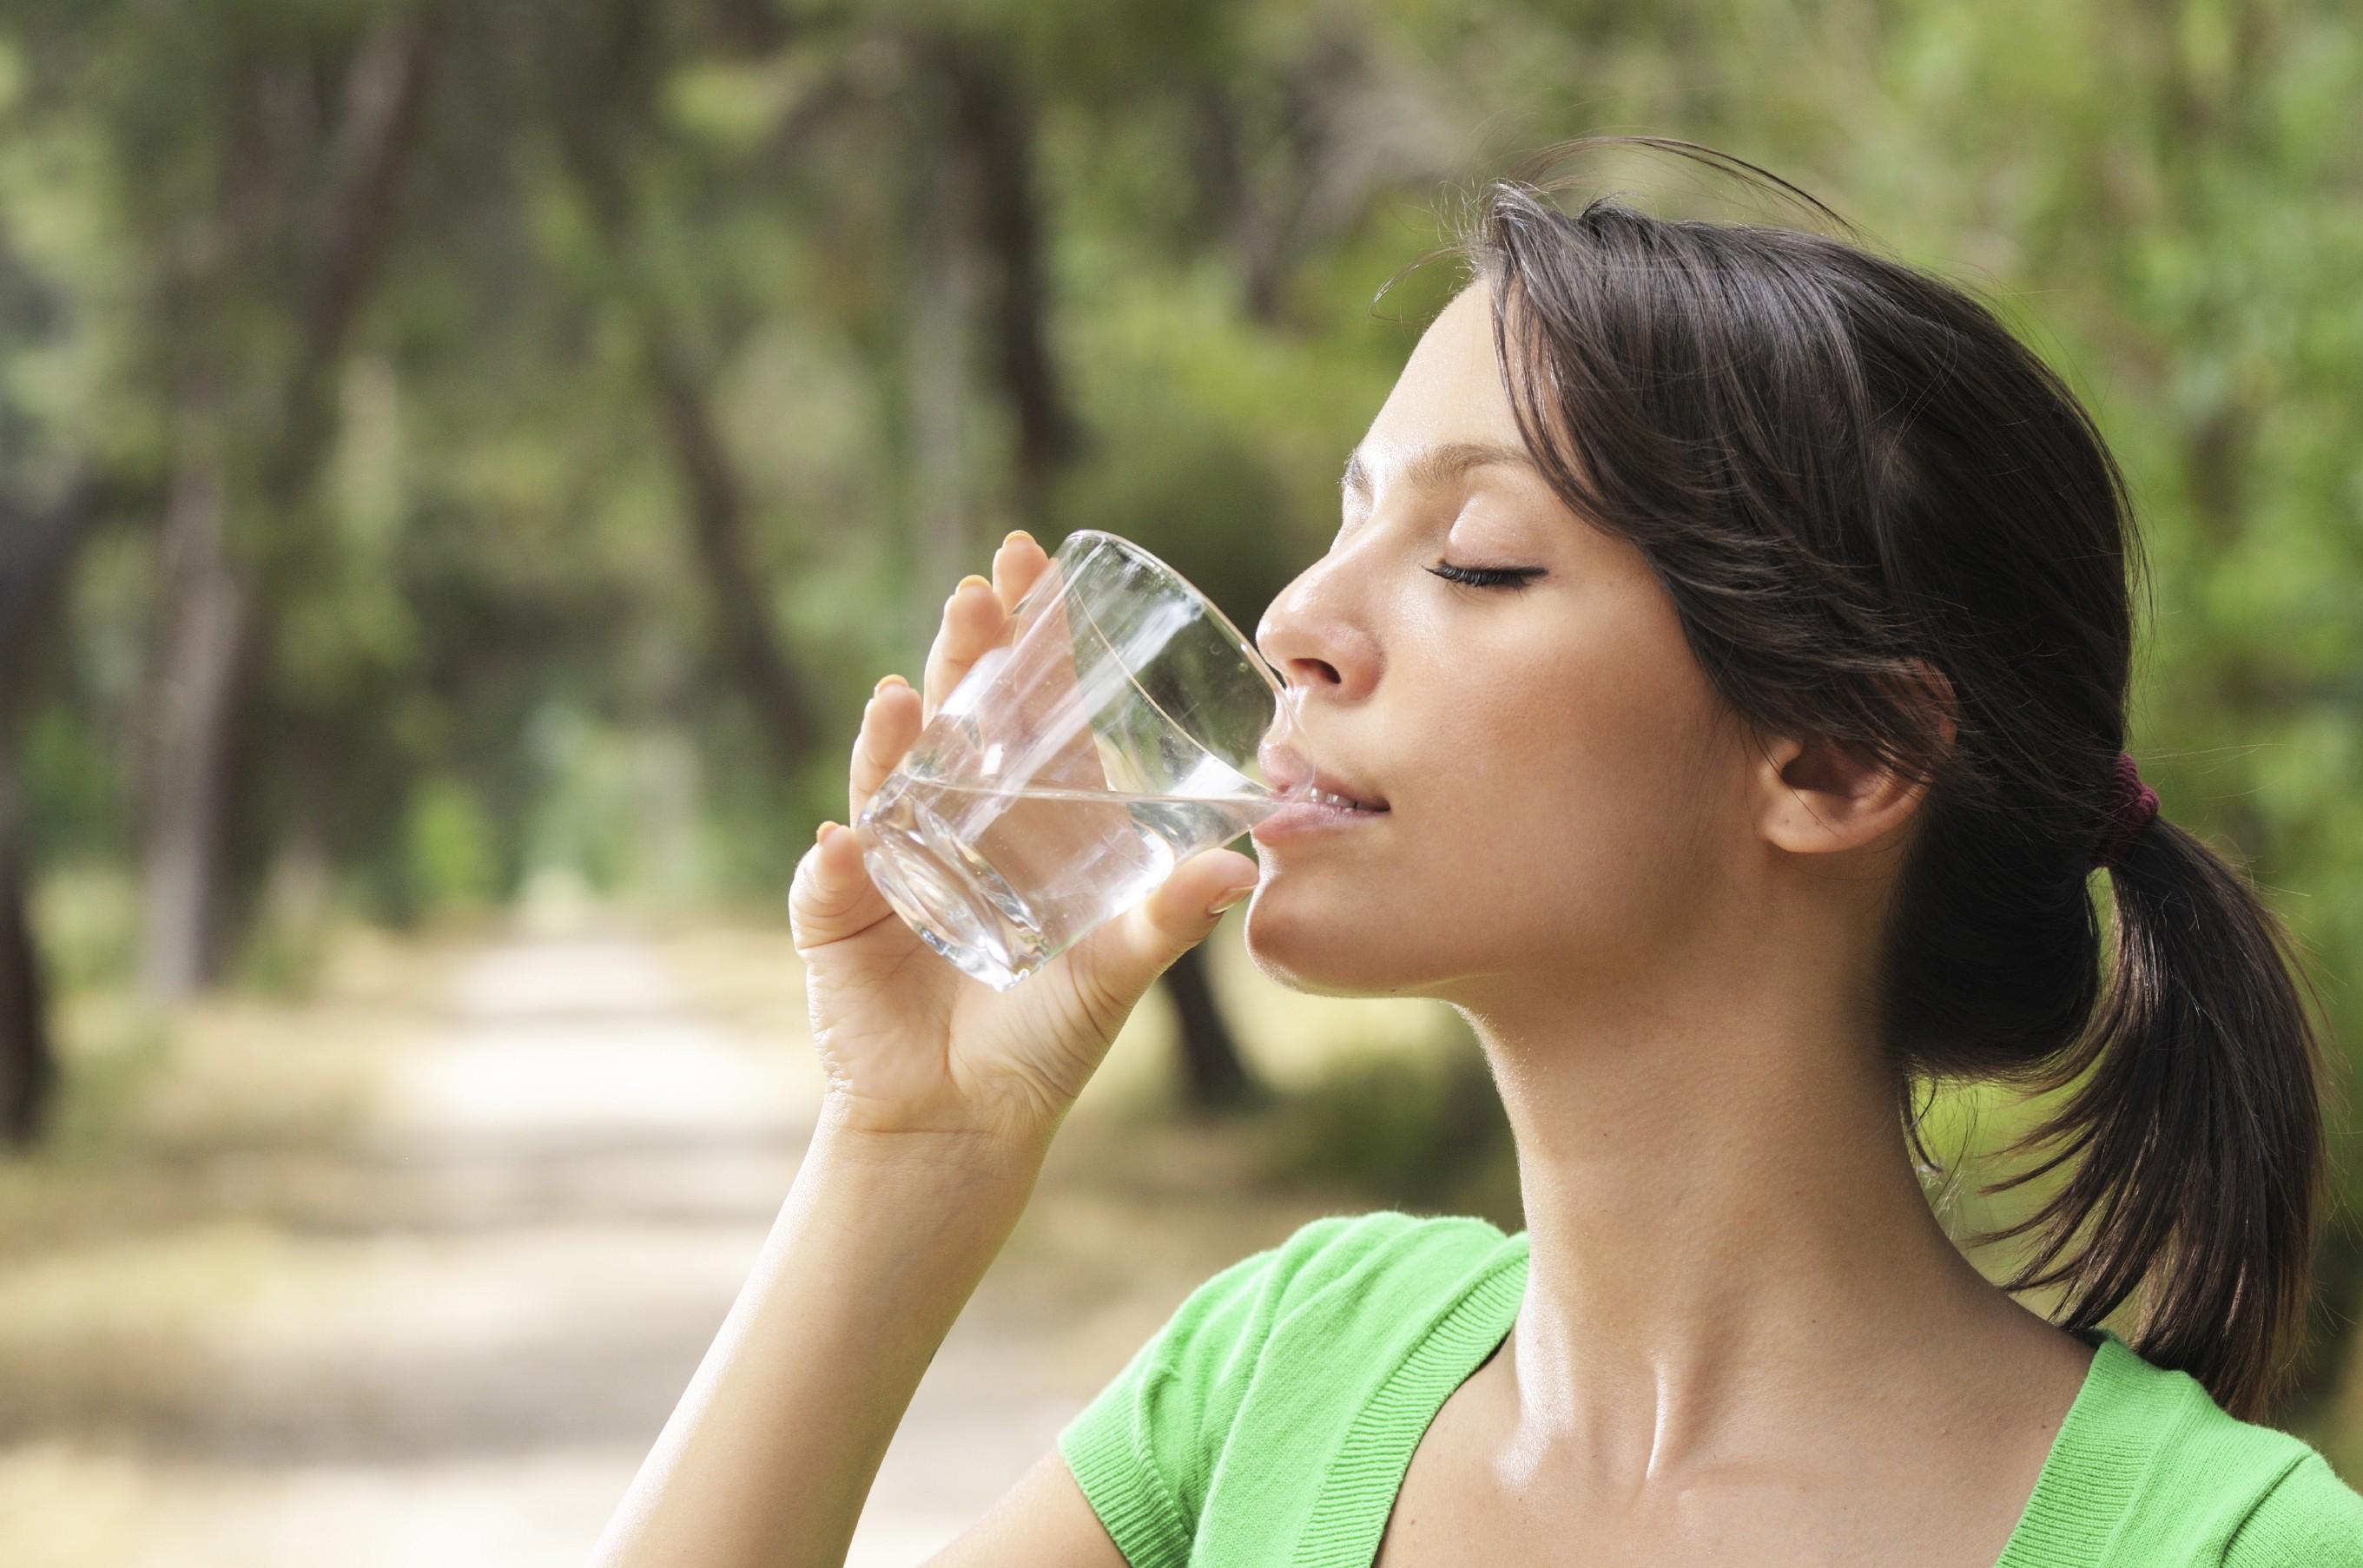 کس وقت ٹھنڈا پانی پینا انتہائی مفید ہوتا ہے اور کس وقت گرم پانی؟